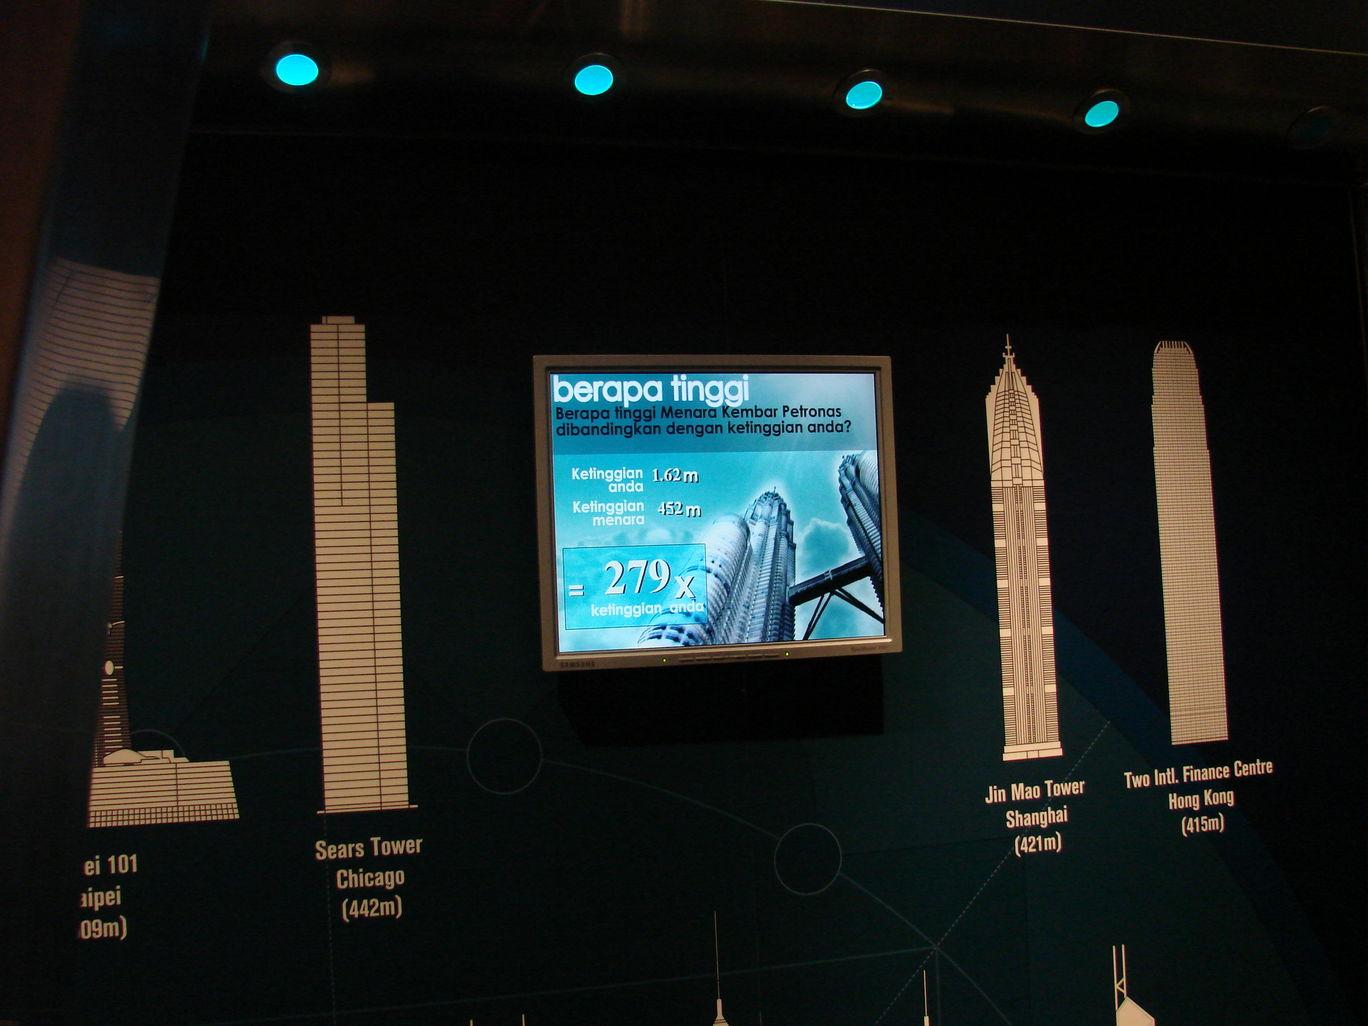 Photo of Petronas Twin Tower By Srinidhi Kandi